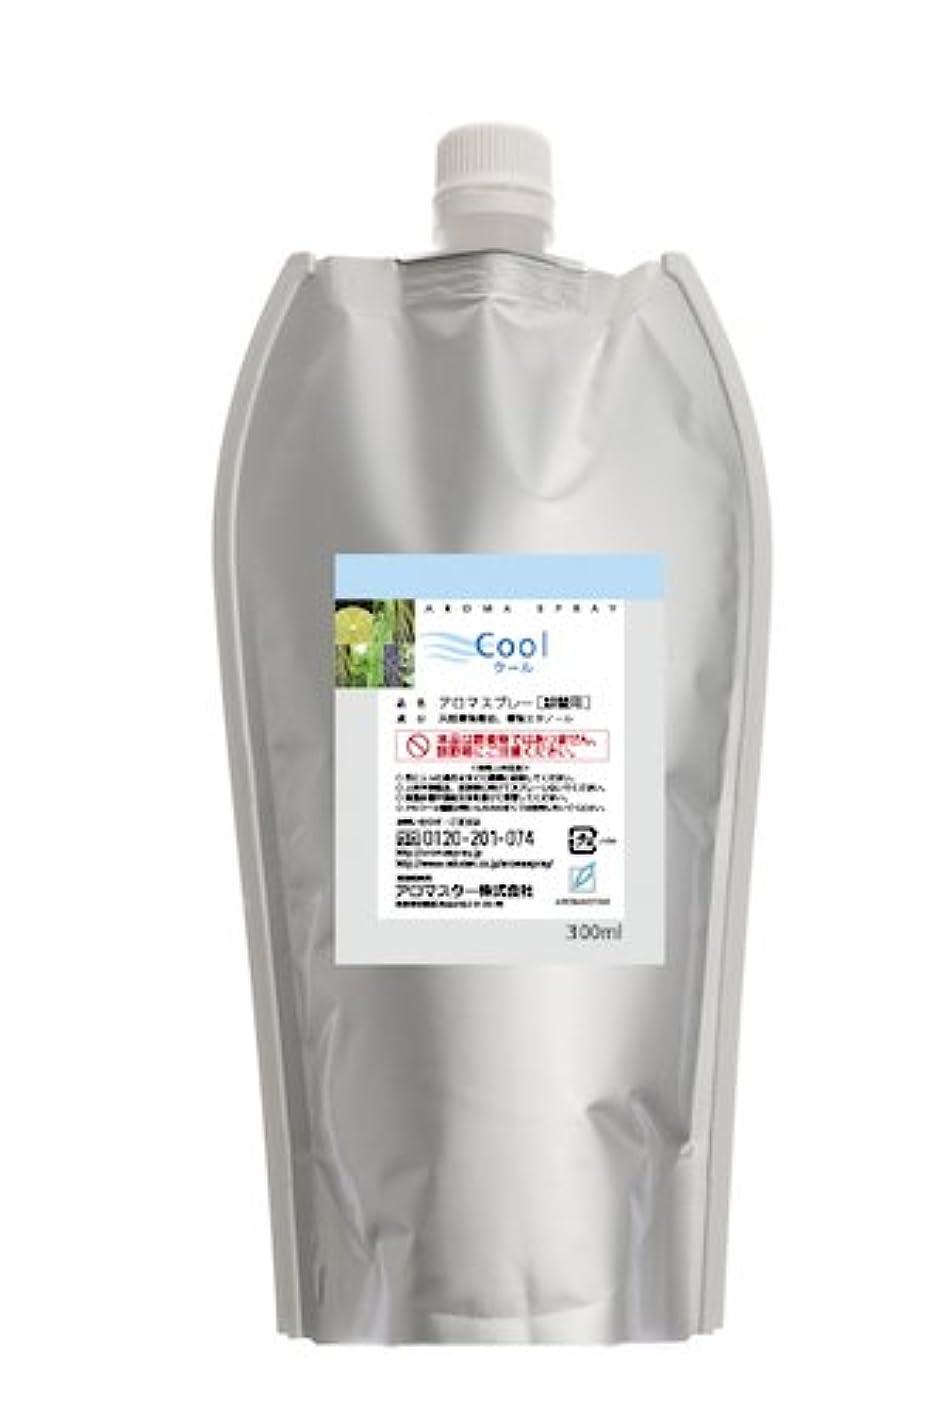 雄弁家タヒチ吐くAROMASTAR(アロマスター) アロマスプレー クール 300ml詰替用(エコパック)